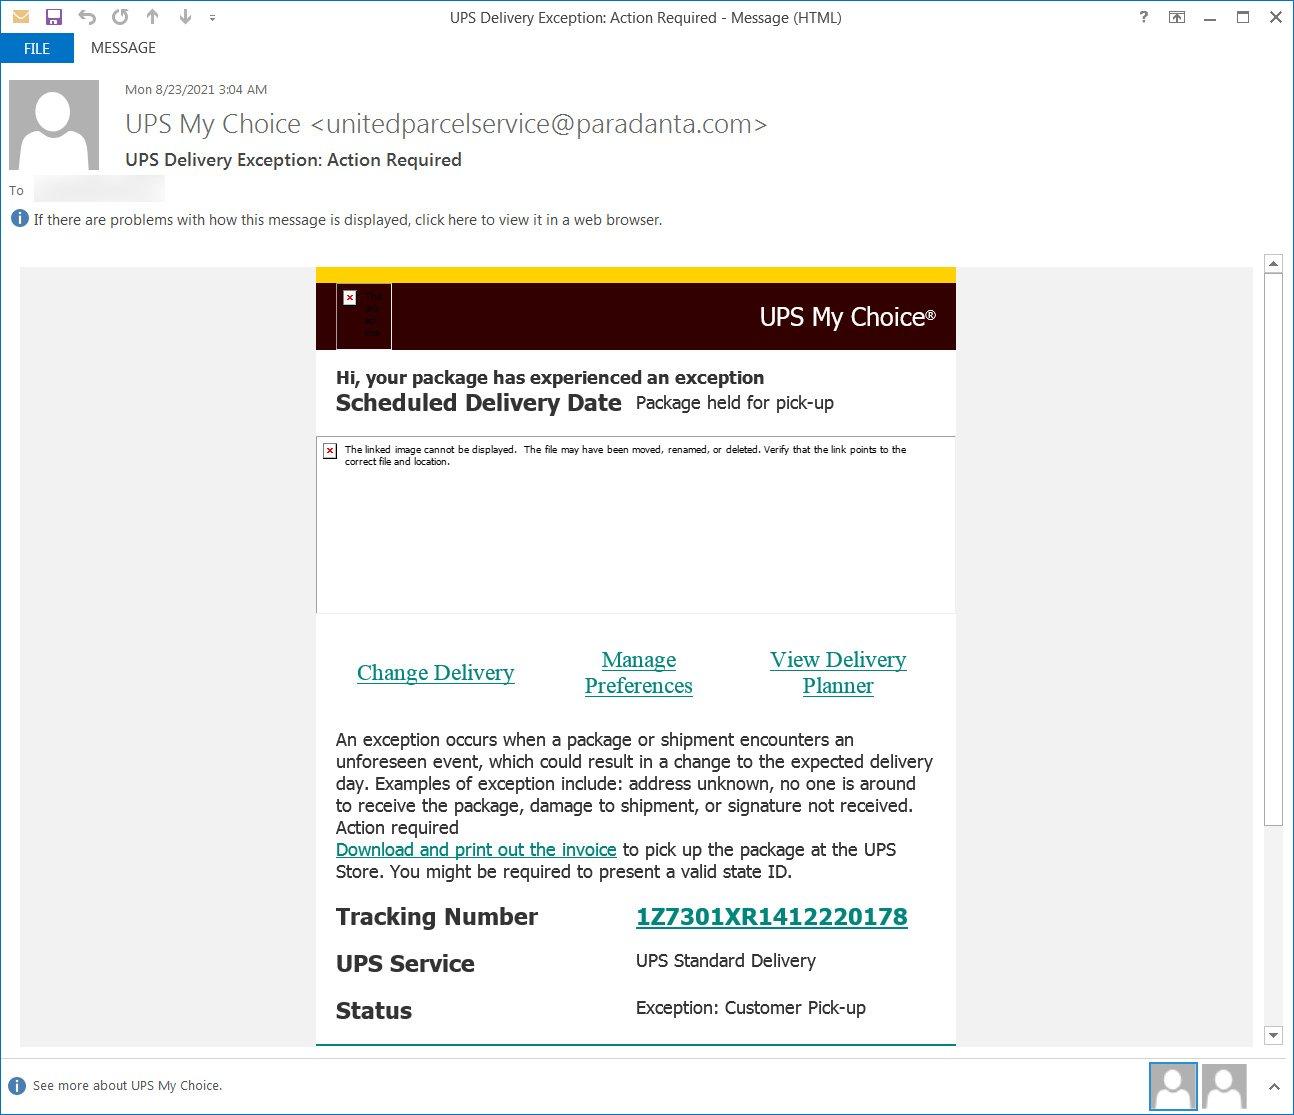 Correo electrónico de suplantación de identidad de UPS